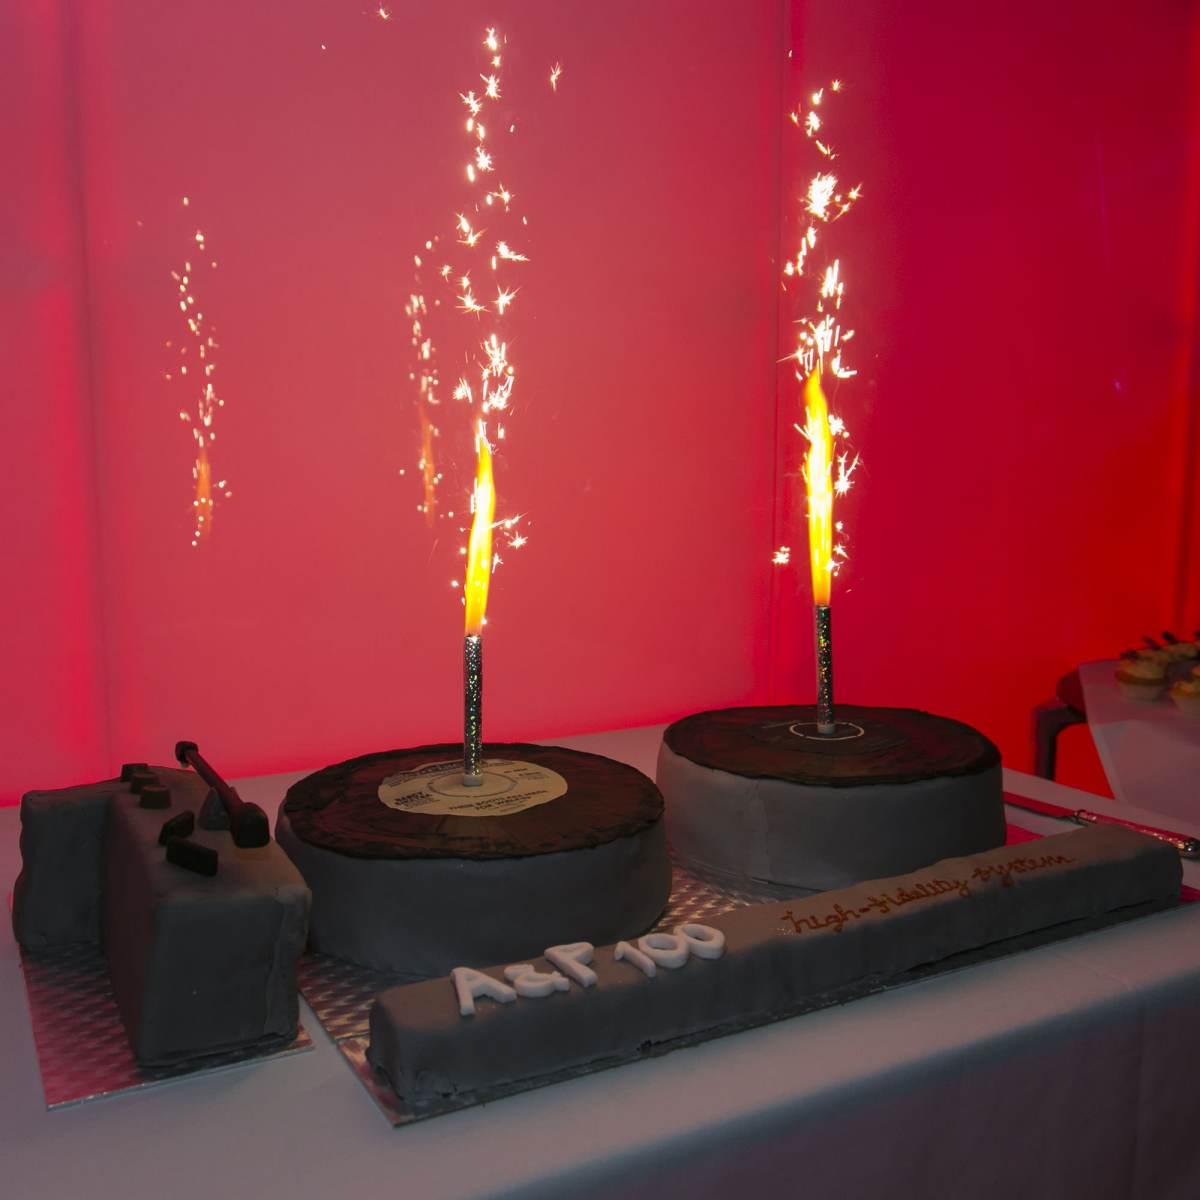 cambridge-event-party-2017-io-077